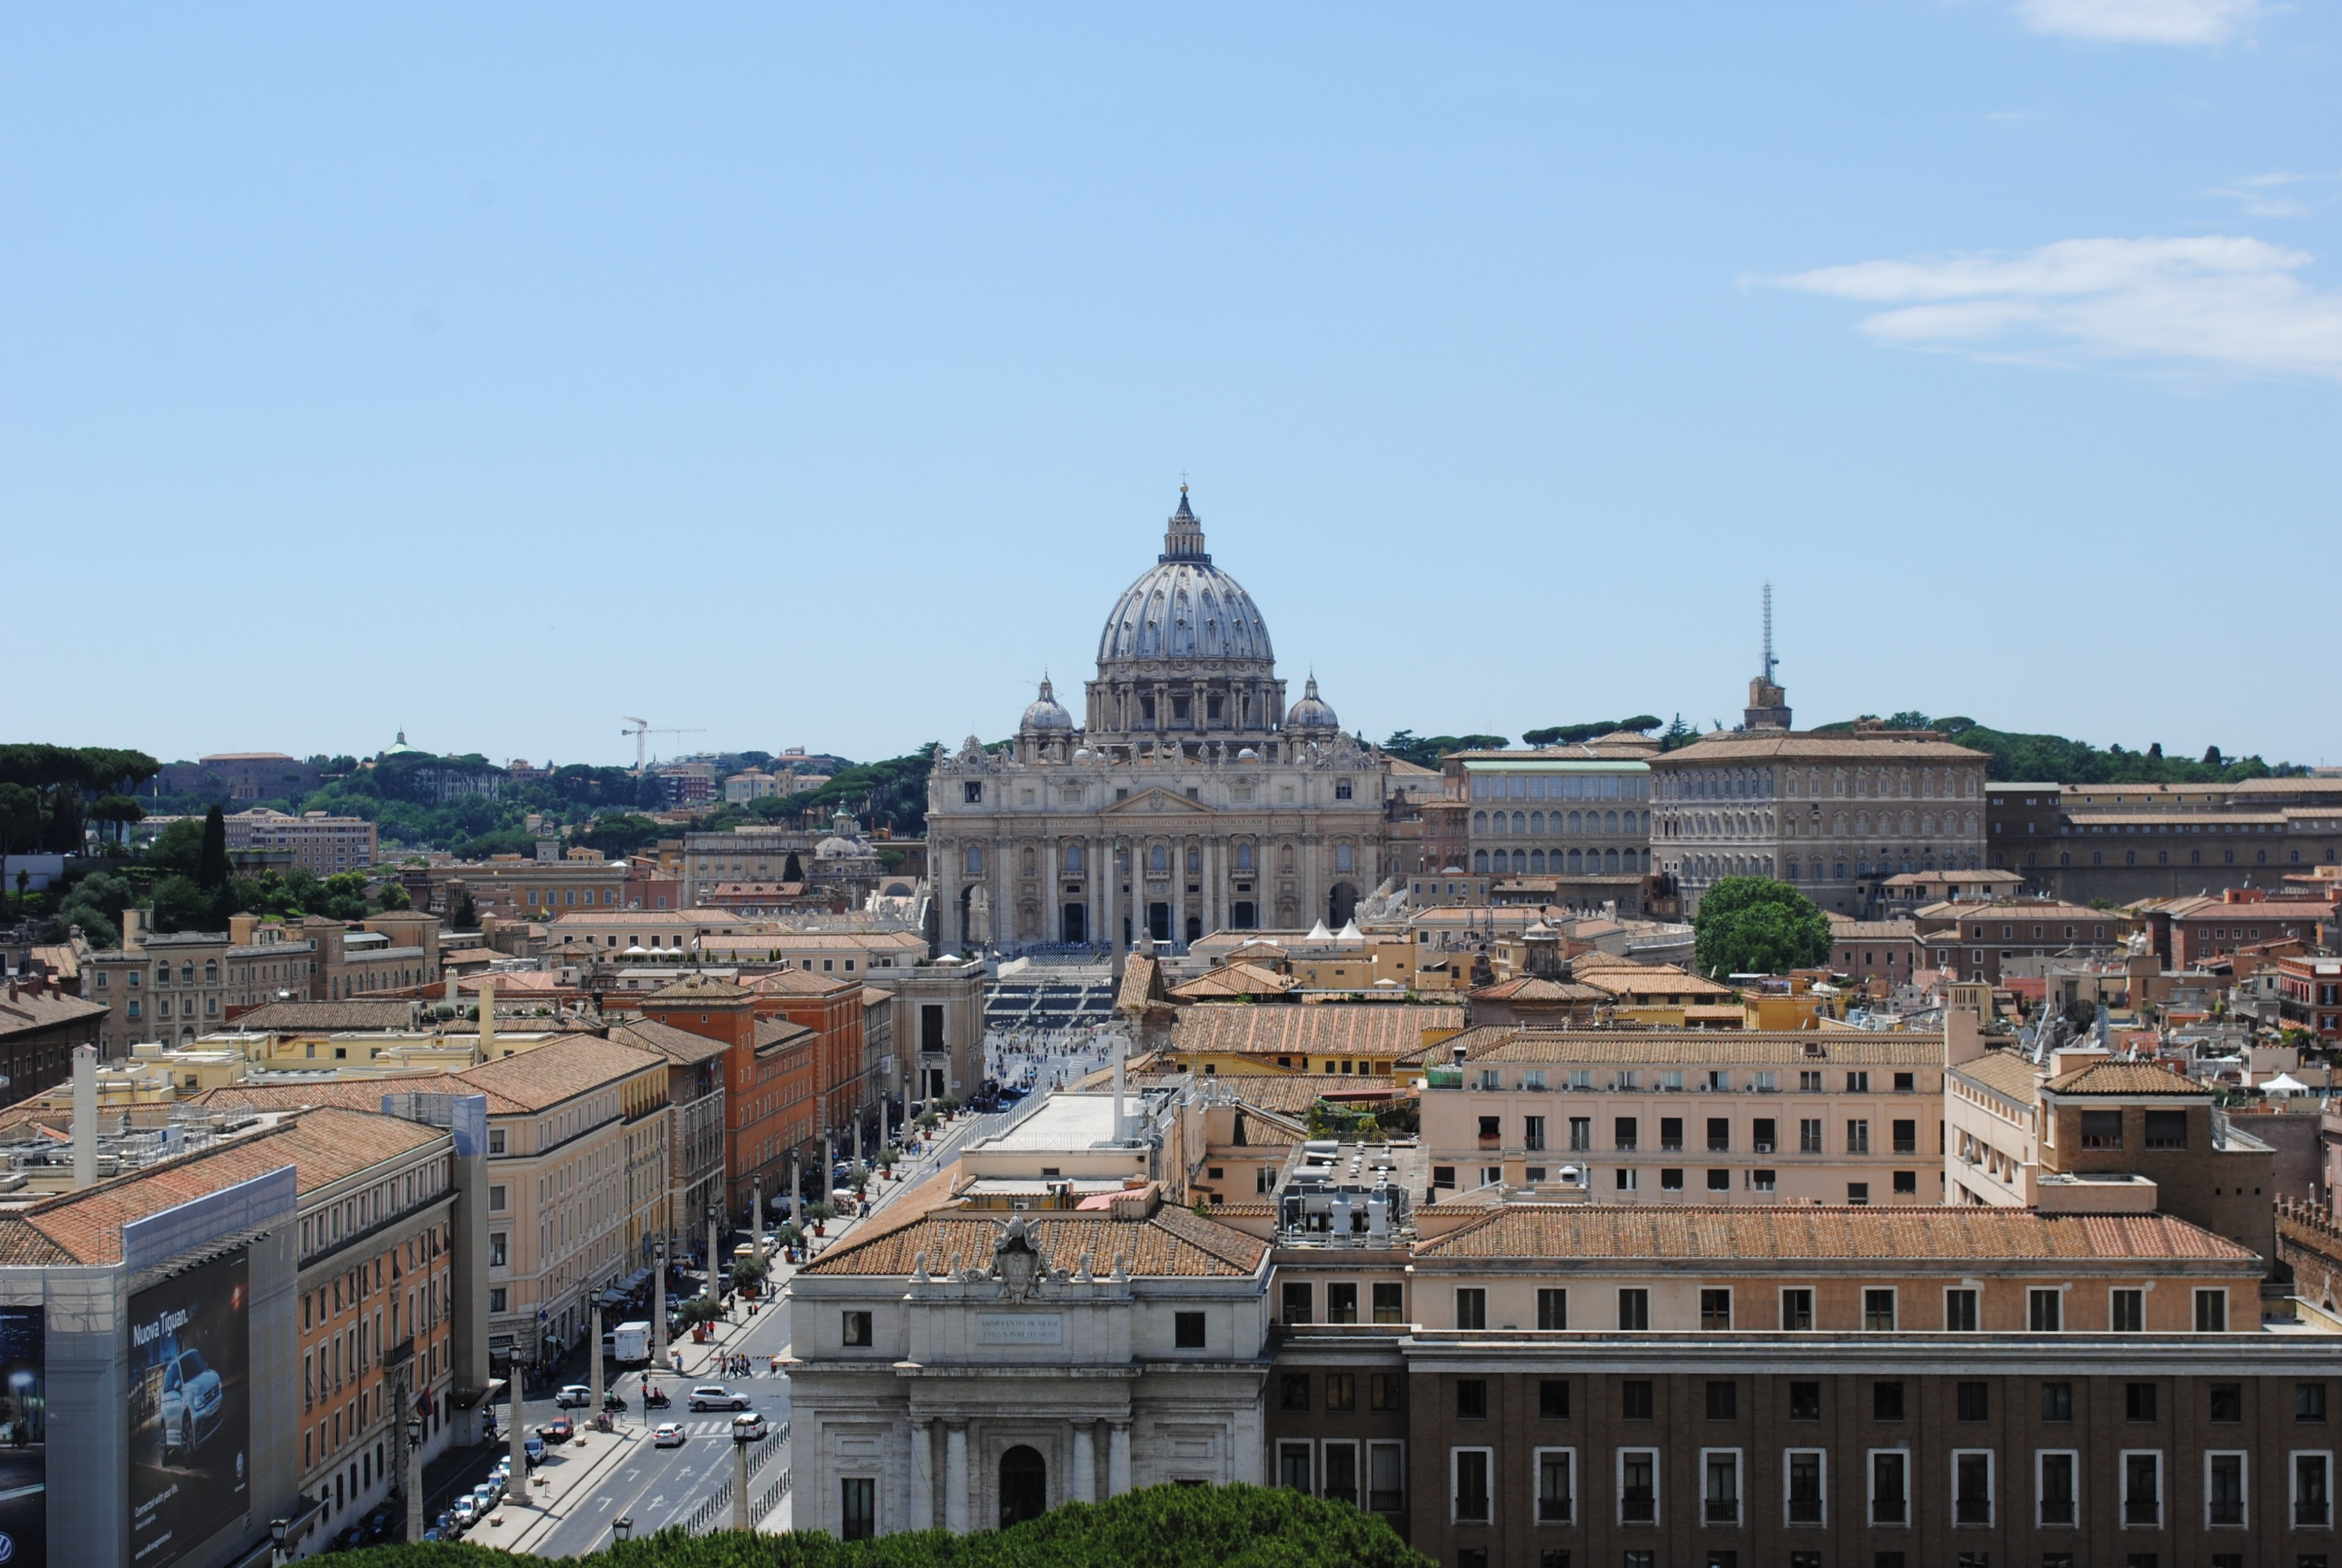 Basilica Papale San Pietro